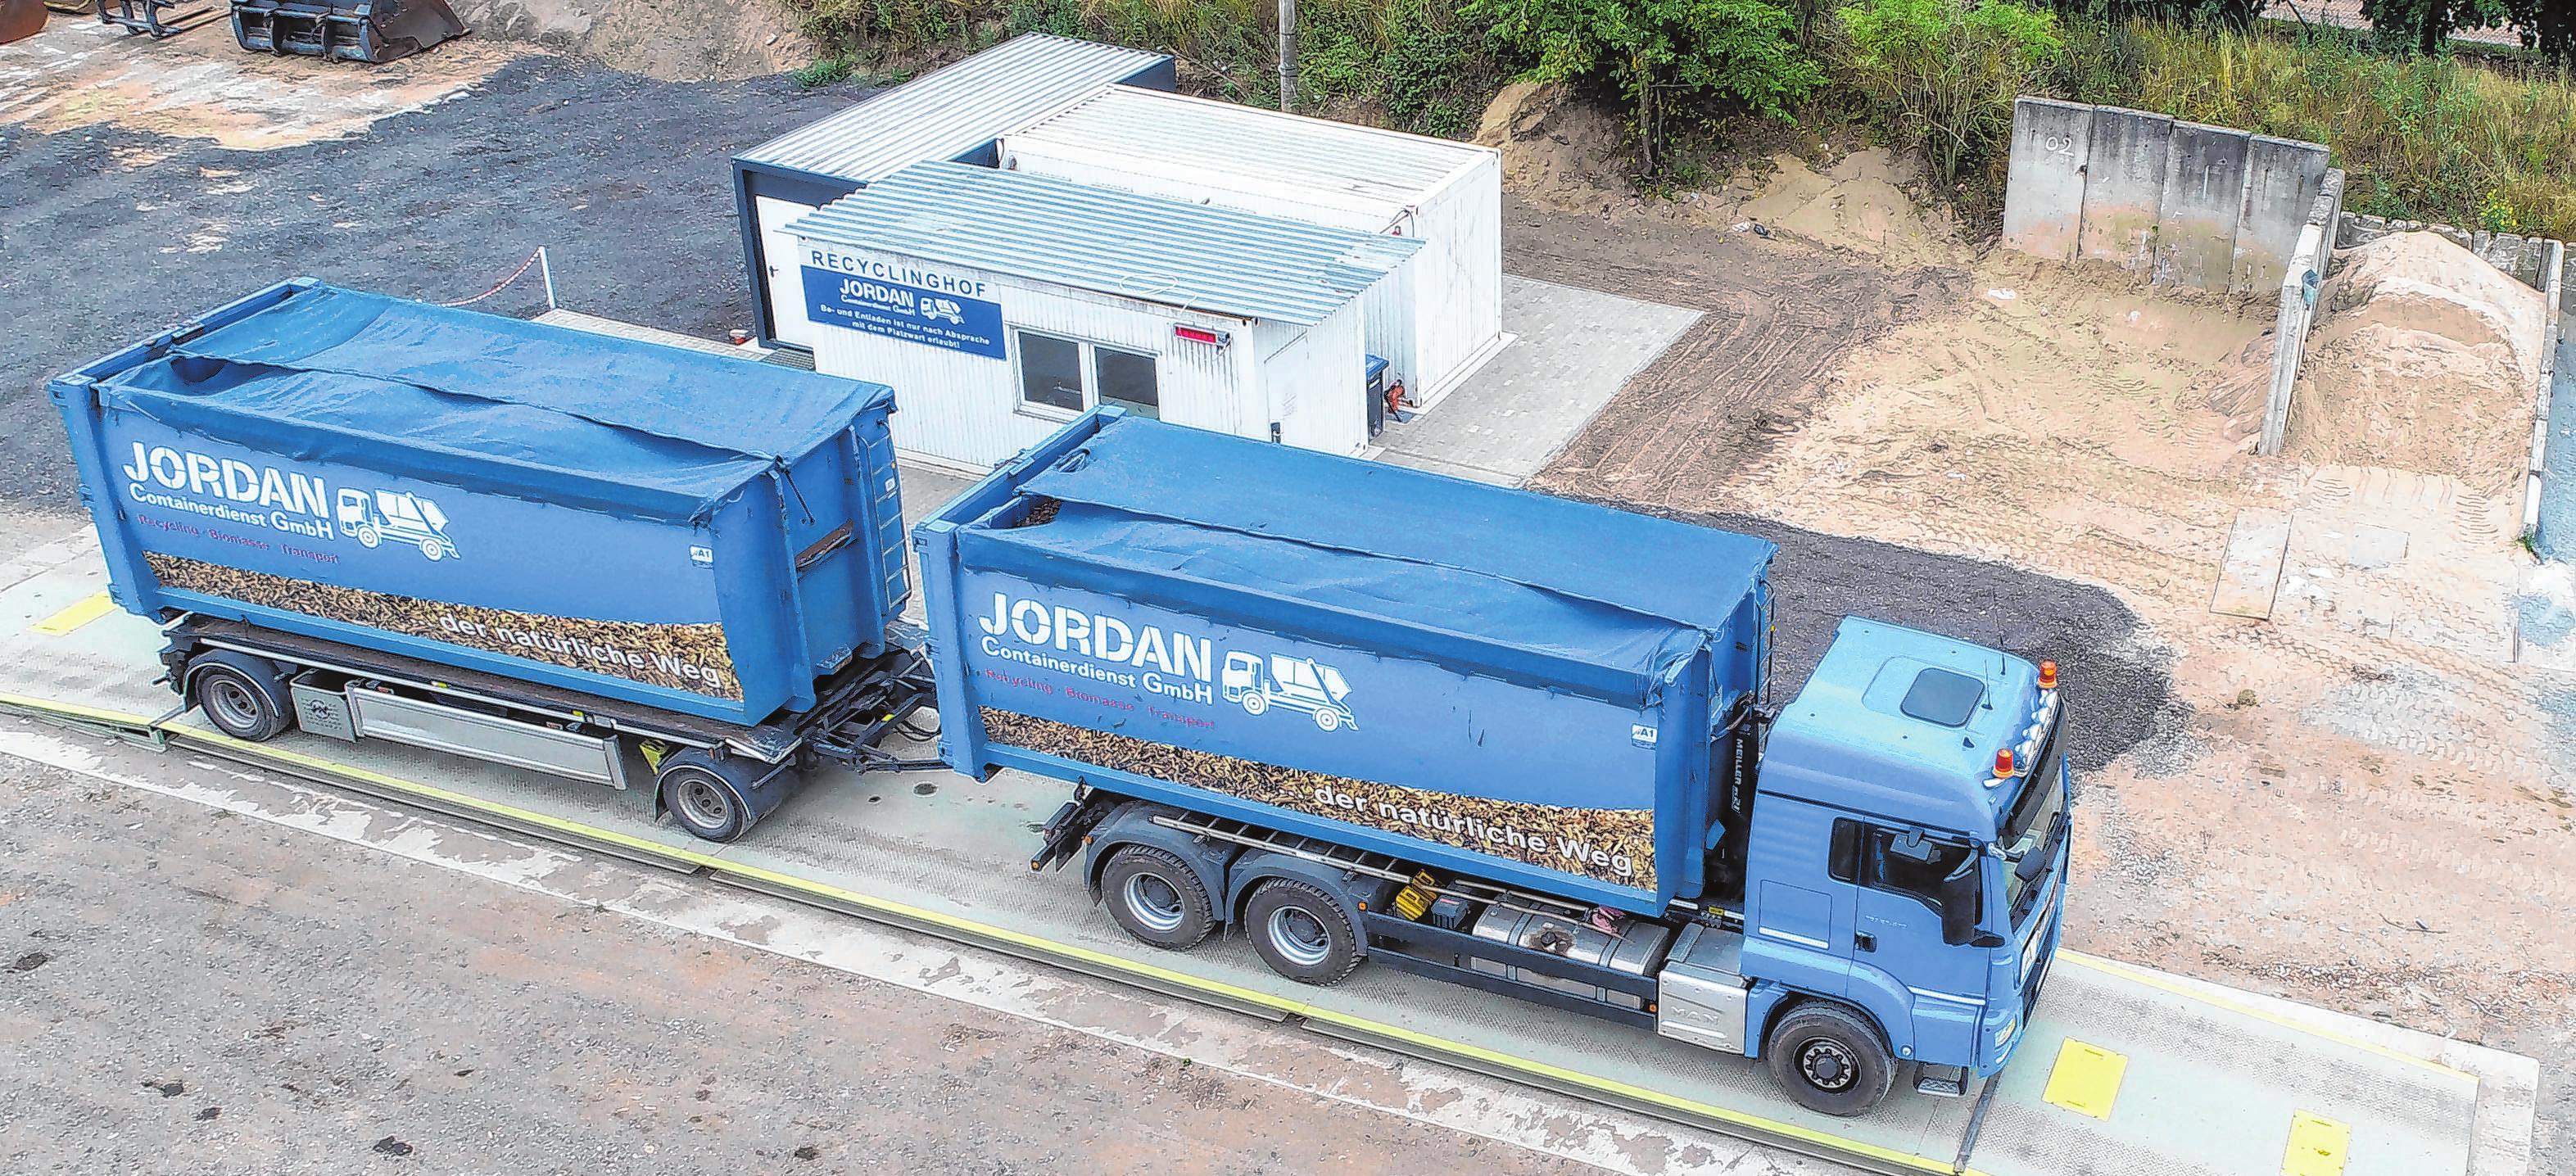 Schweres Gerät: Auf dem Recyclinghof des Unternehmens haben die Sattelzüge viel Platz. Was sie geladen haben, das wird auf der Waage exakt nachgemessen. Fotos: MMH